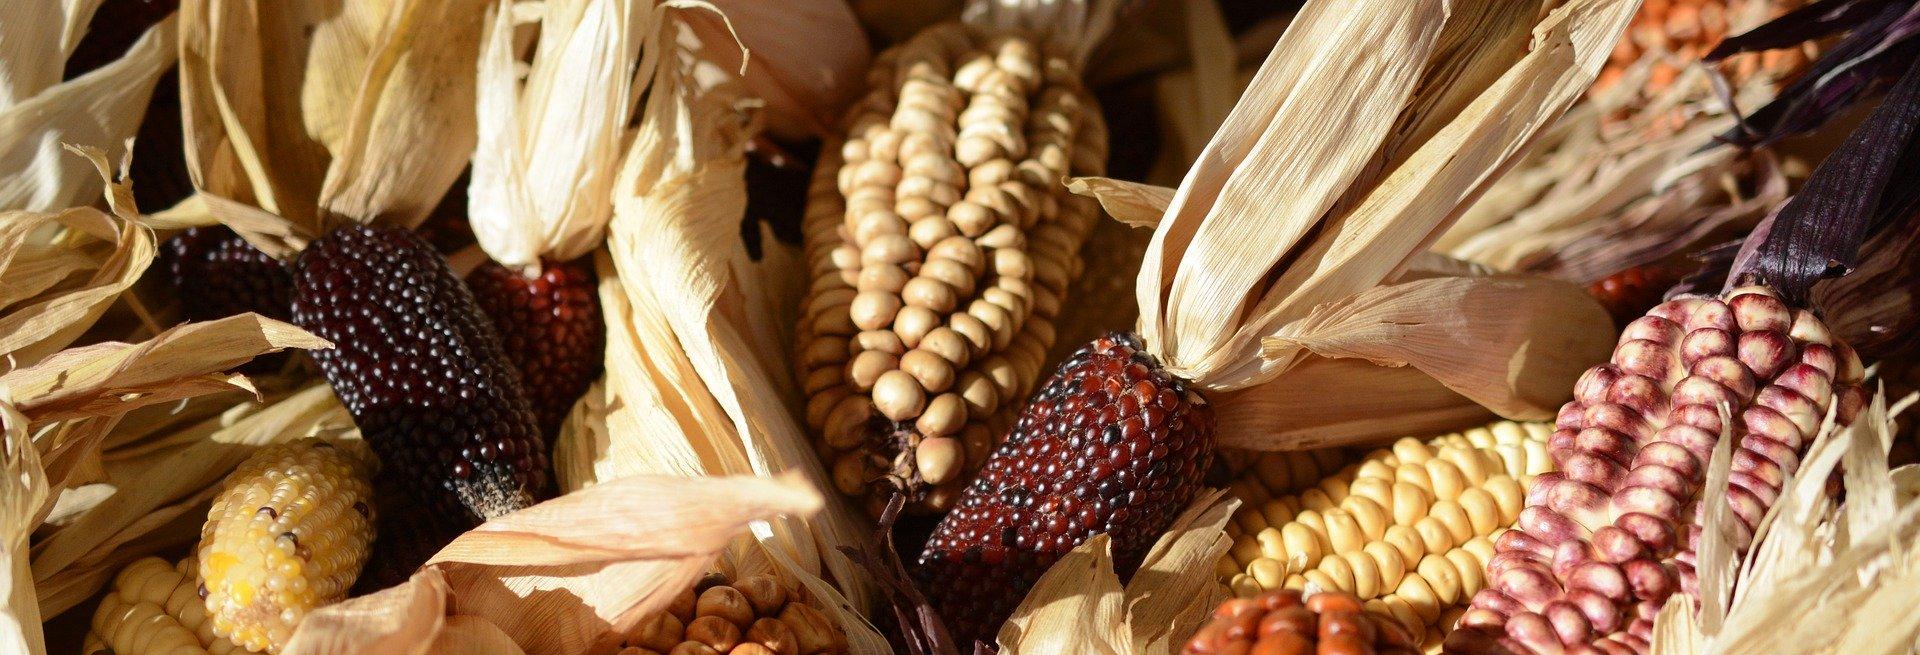 Revue des marchés du 29 Avril 2020 : La maïs